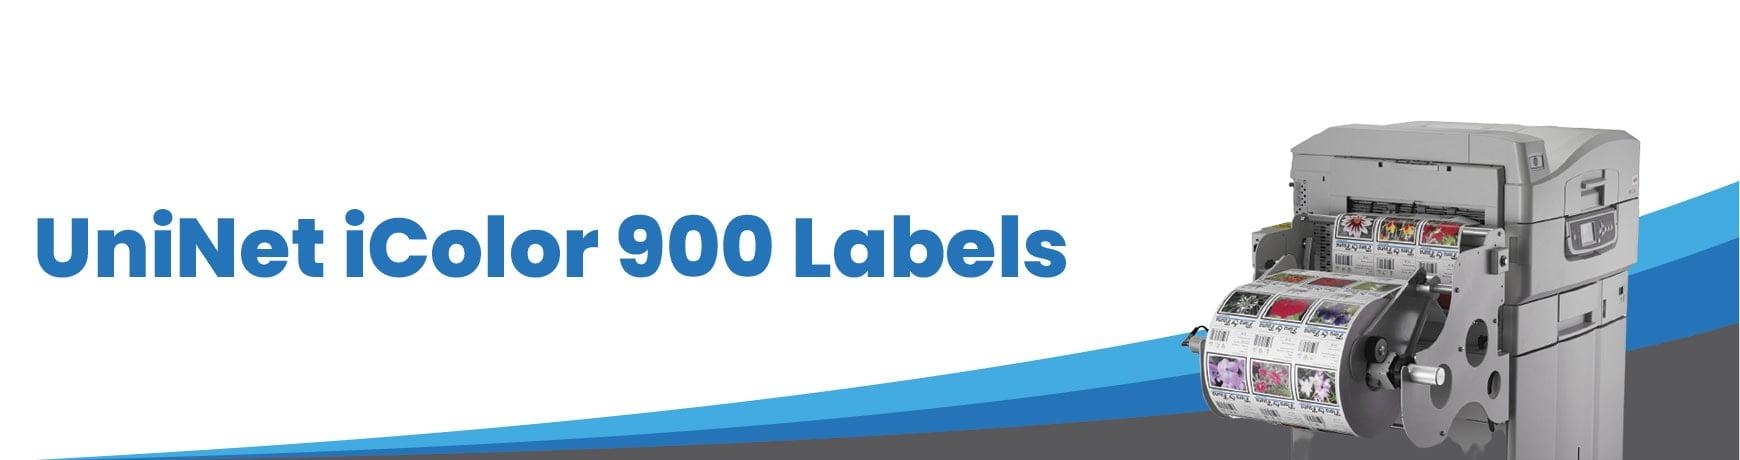 UniNet iColor 900 Labels